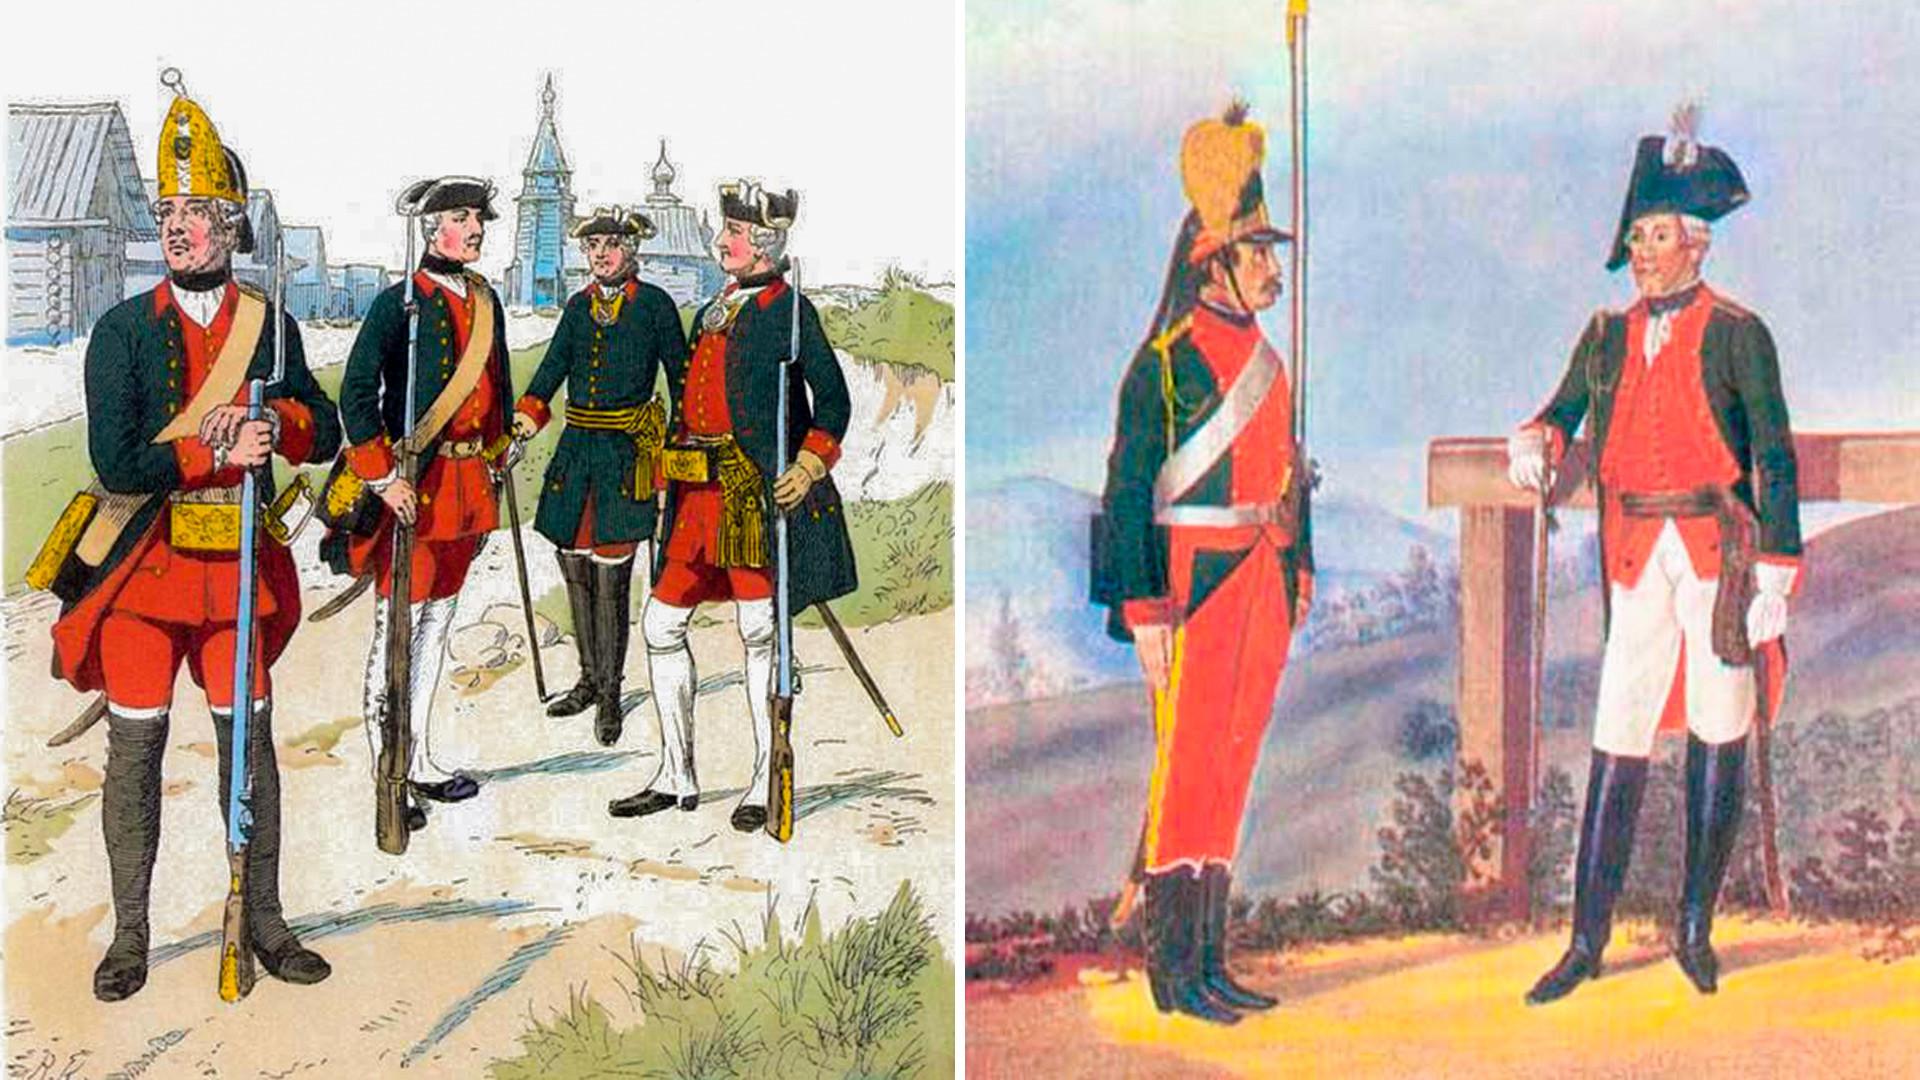 L'uniforme militare russa prima e dopo la riforma introdotta da Potemkin